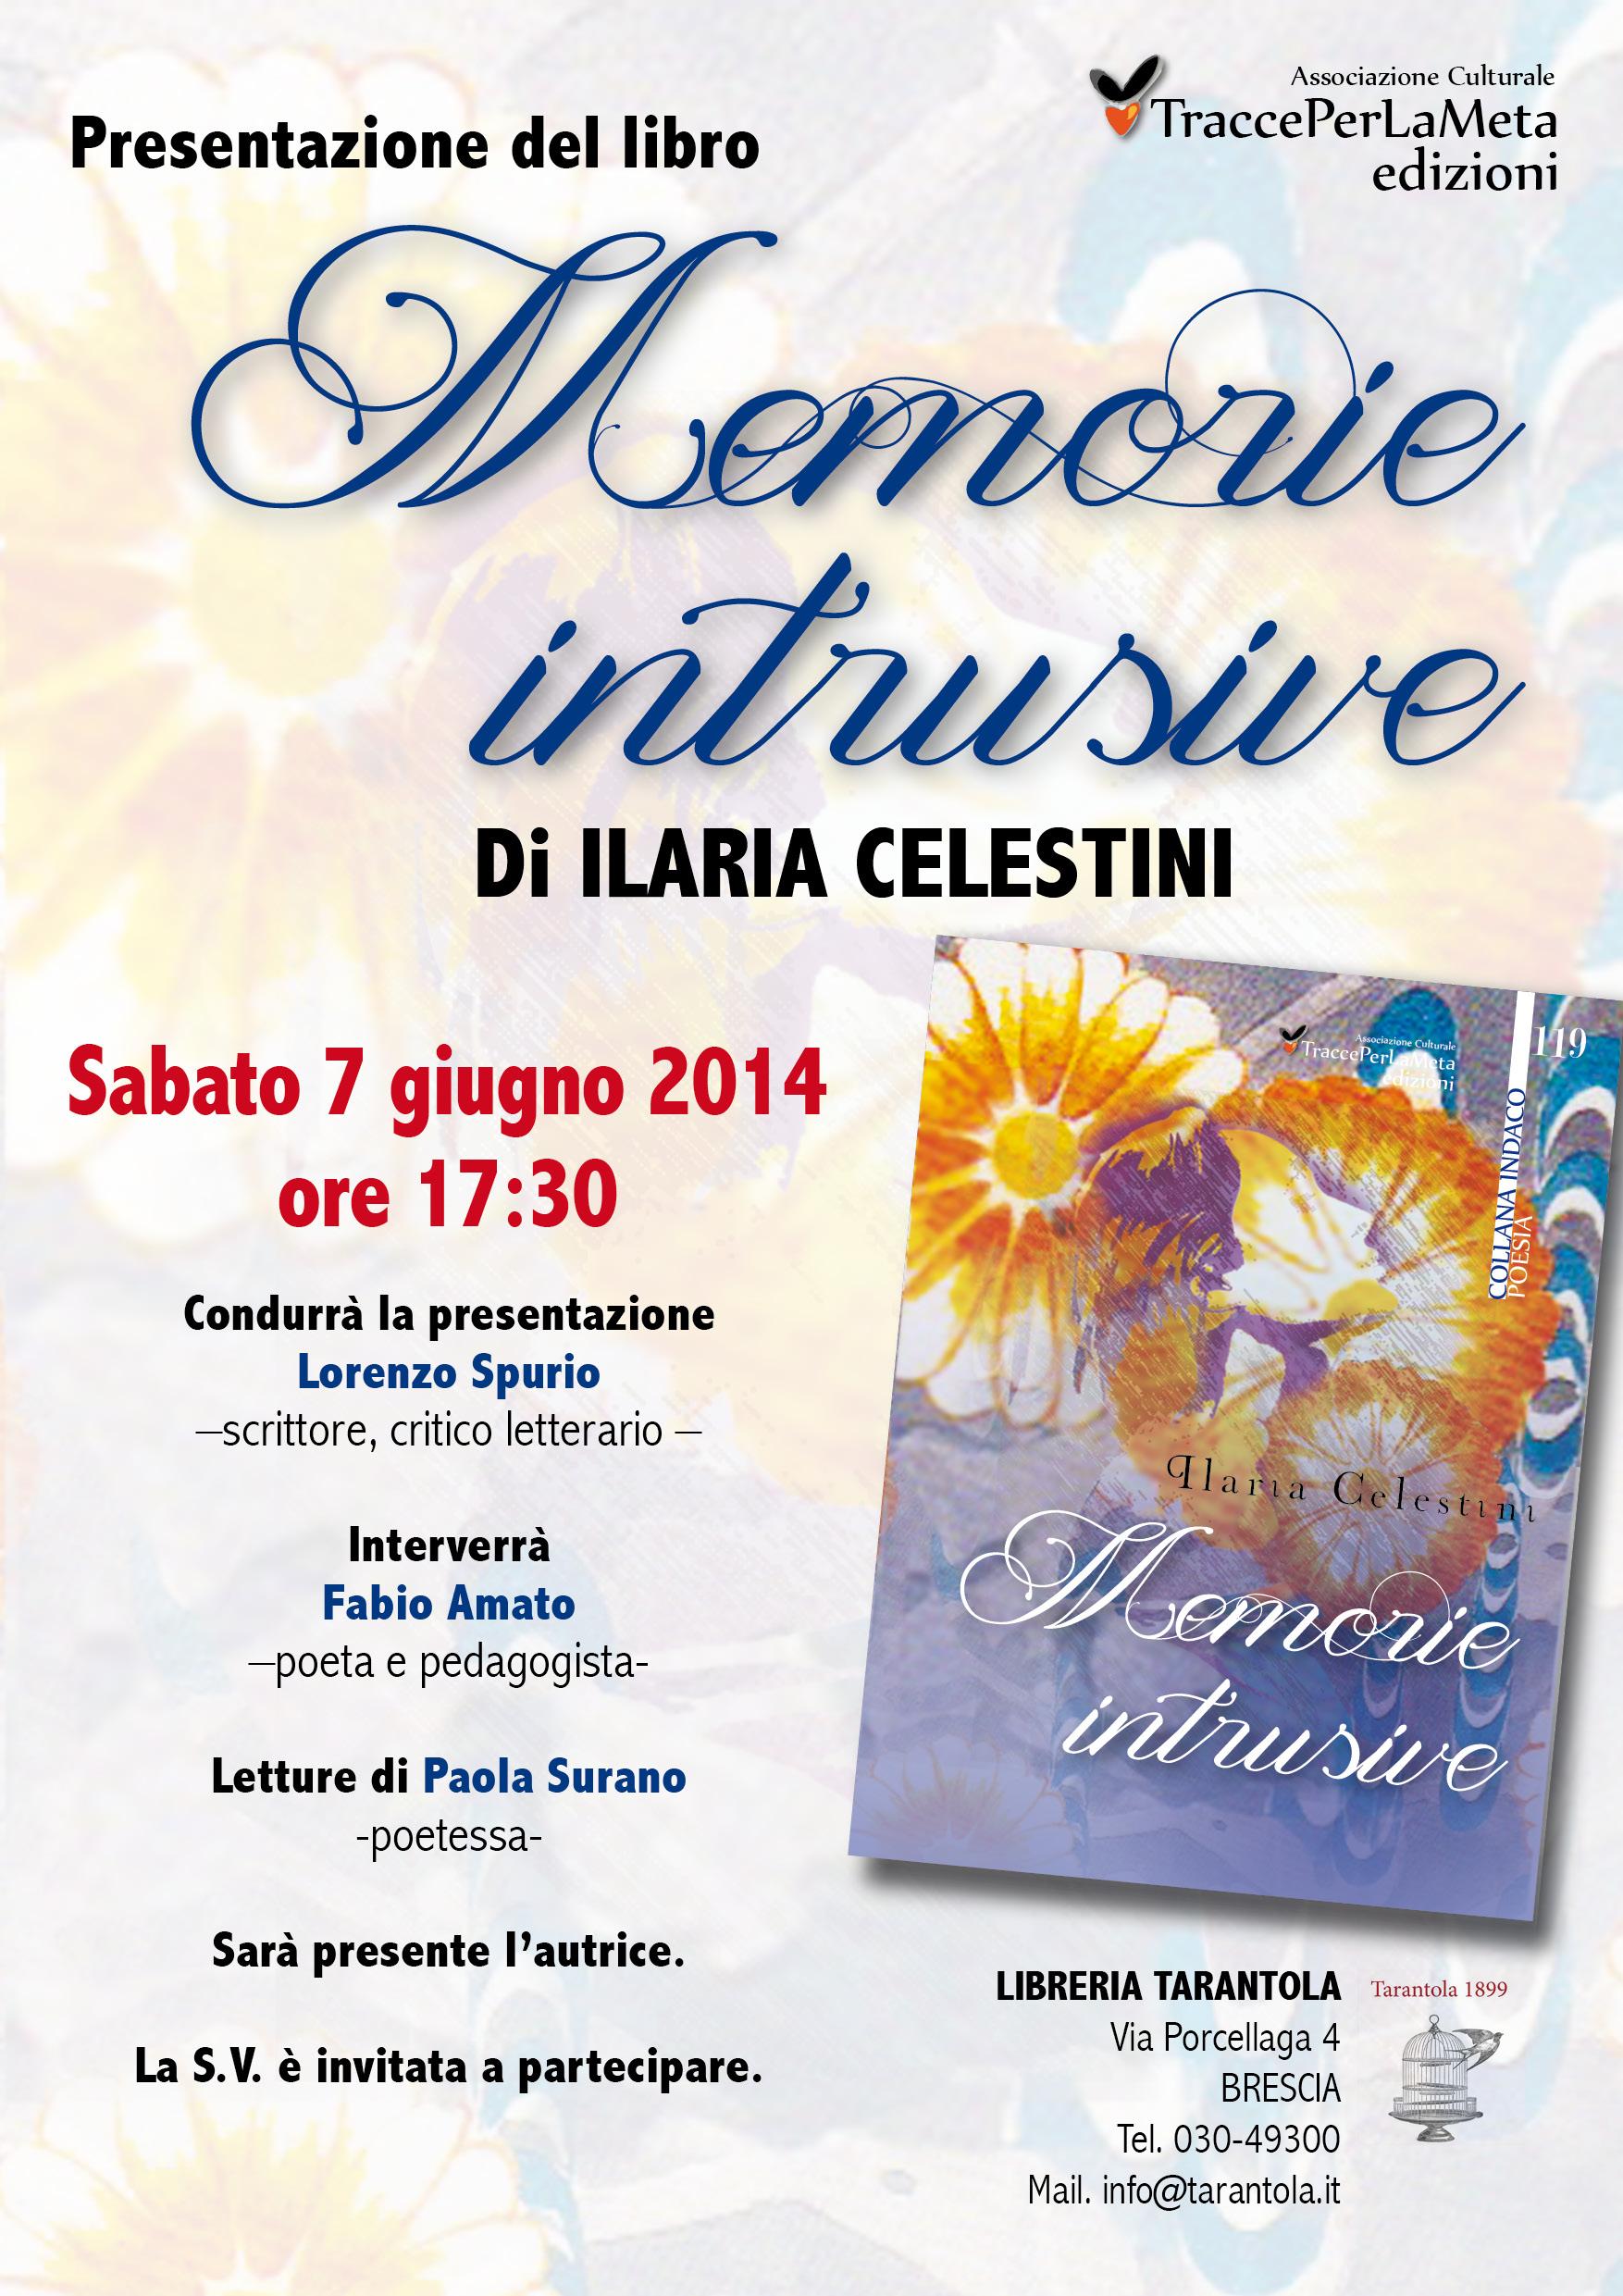 """7.6.2014 – A Brescia la presentazione di """"Memorie intrusive"""" di Ilaria Celestini"""